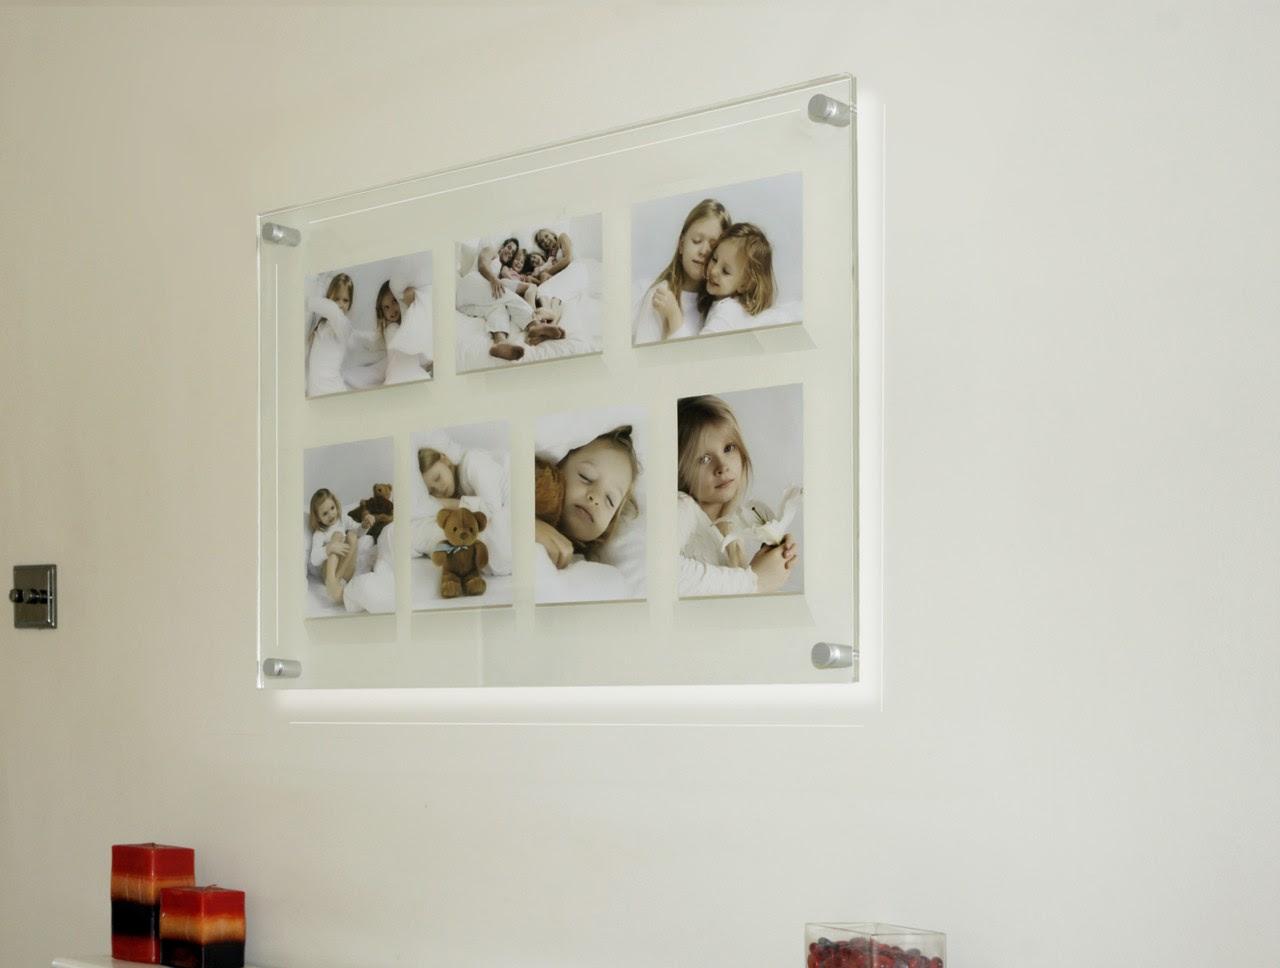 20x28 Poster Frames Iroshinfo